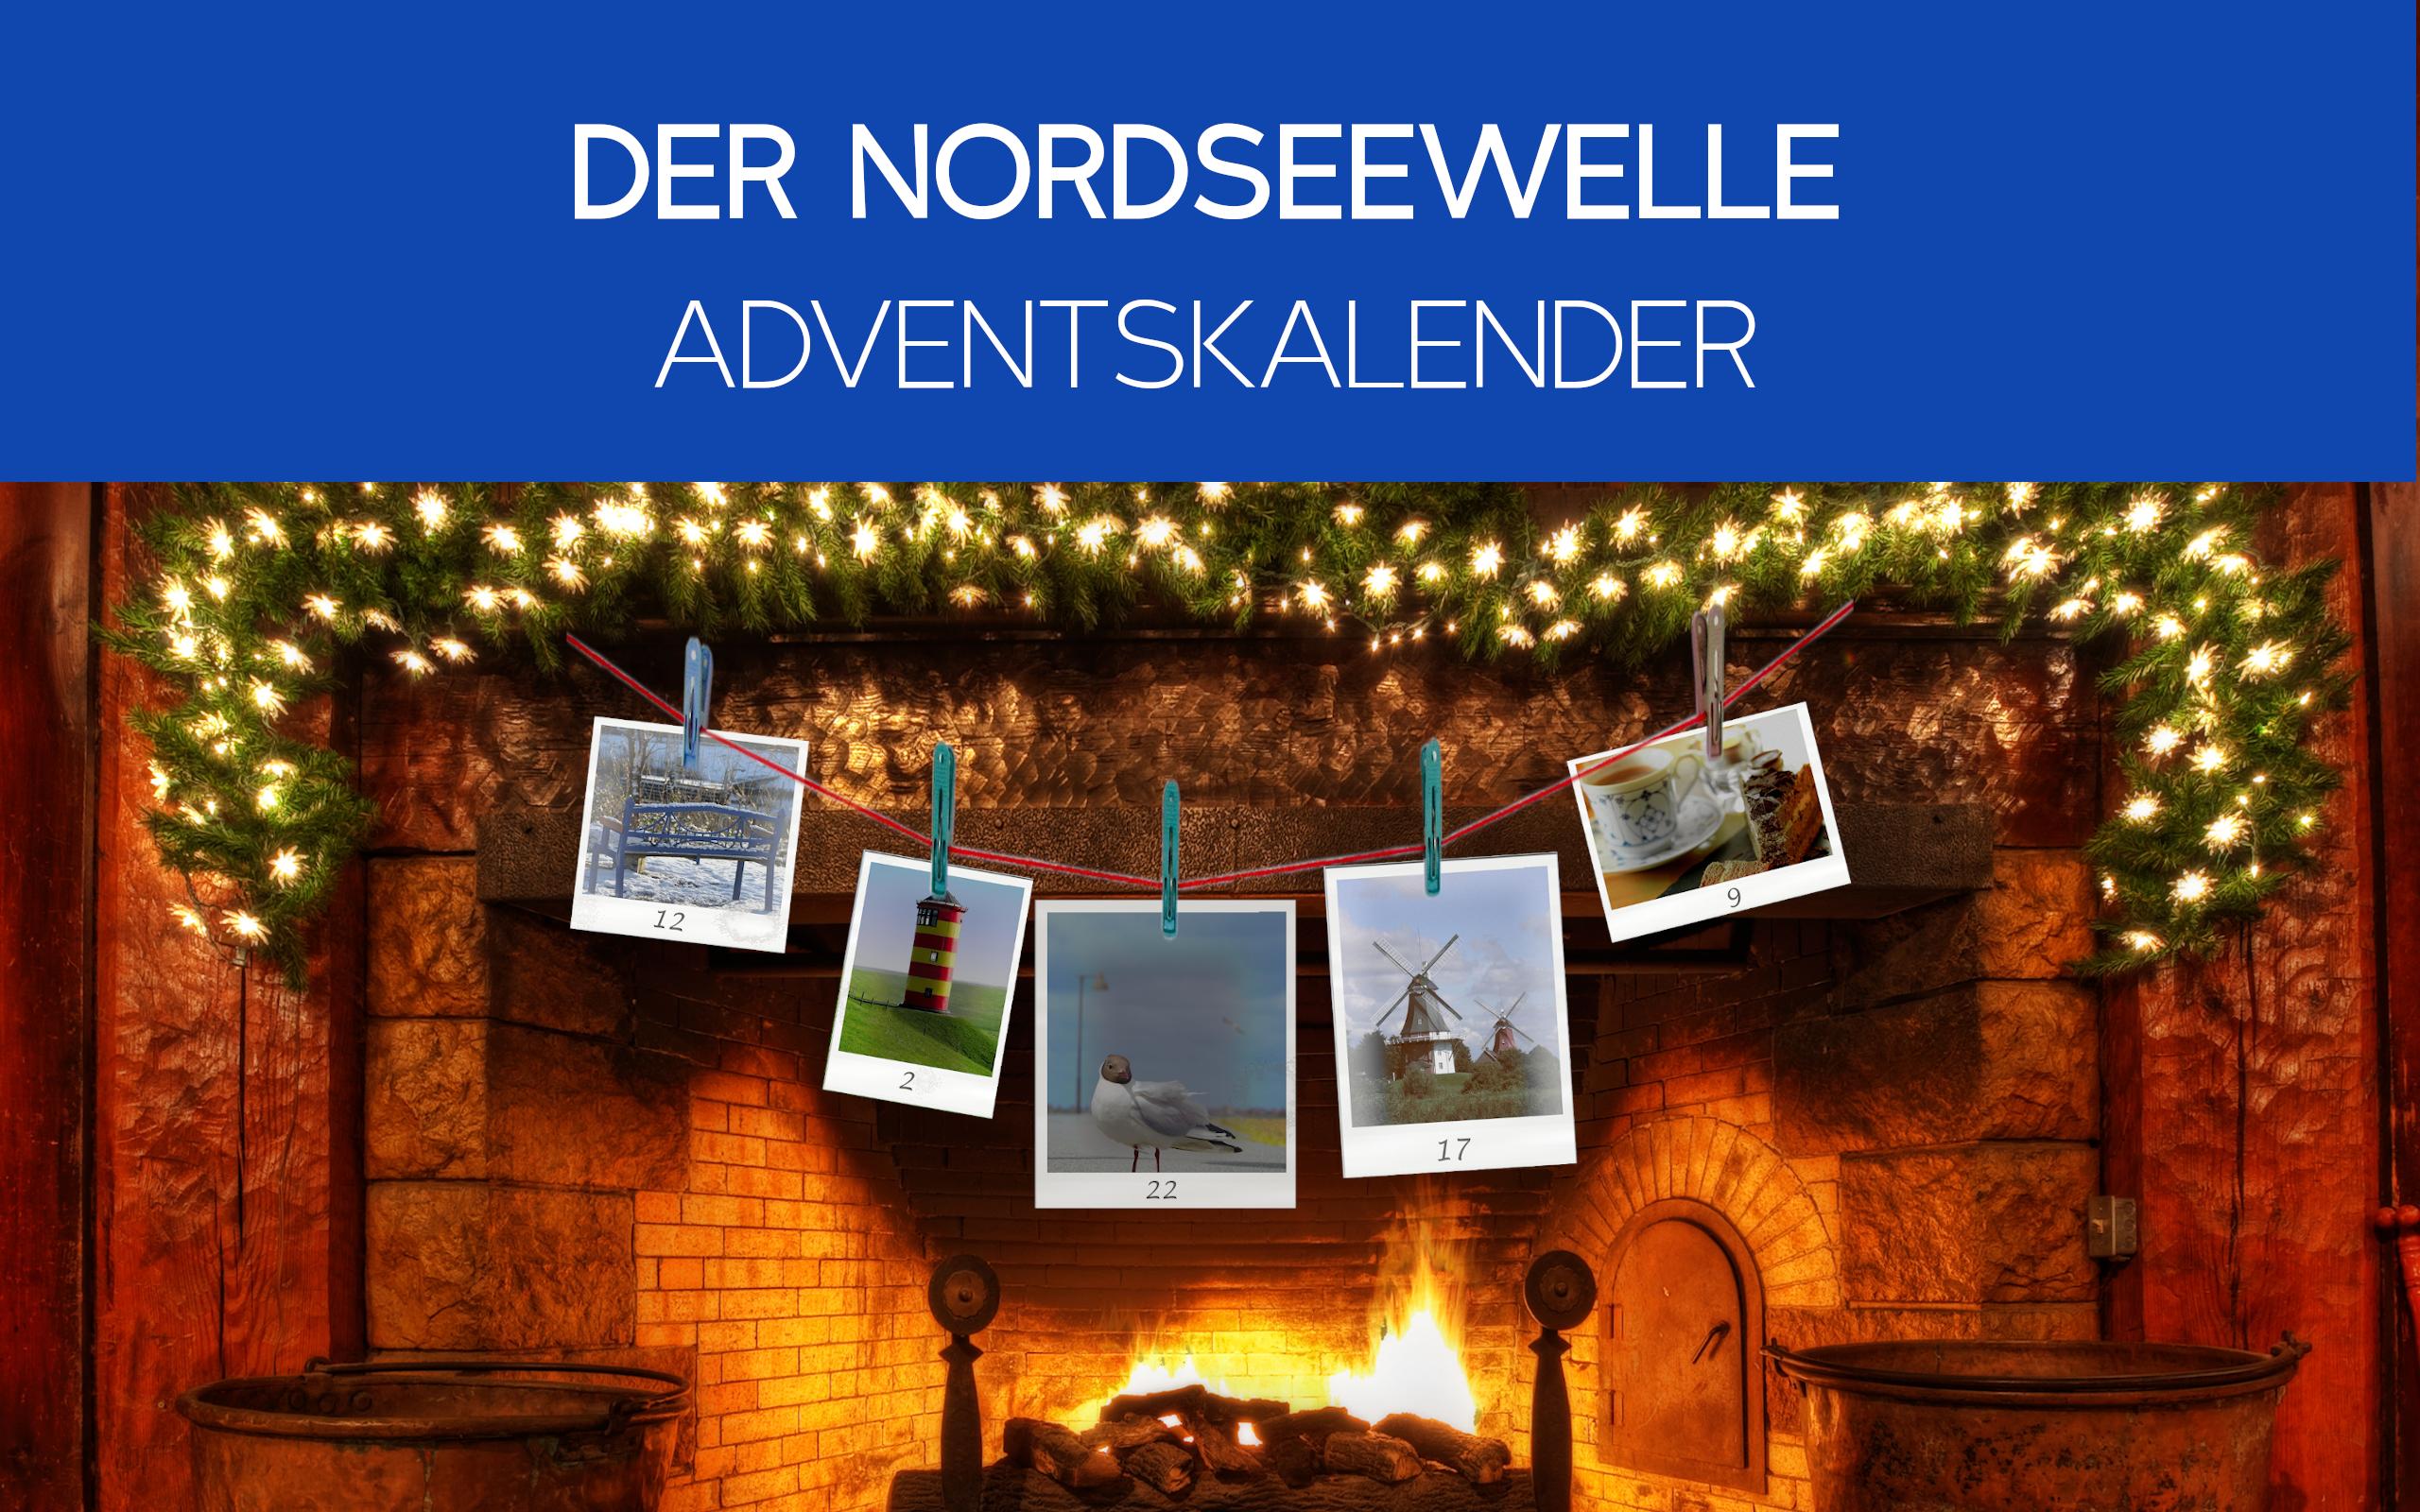 Der Nordseewelle Adventskalender